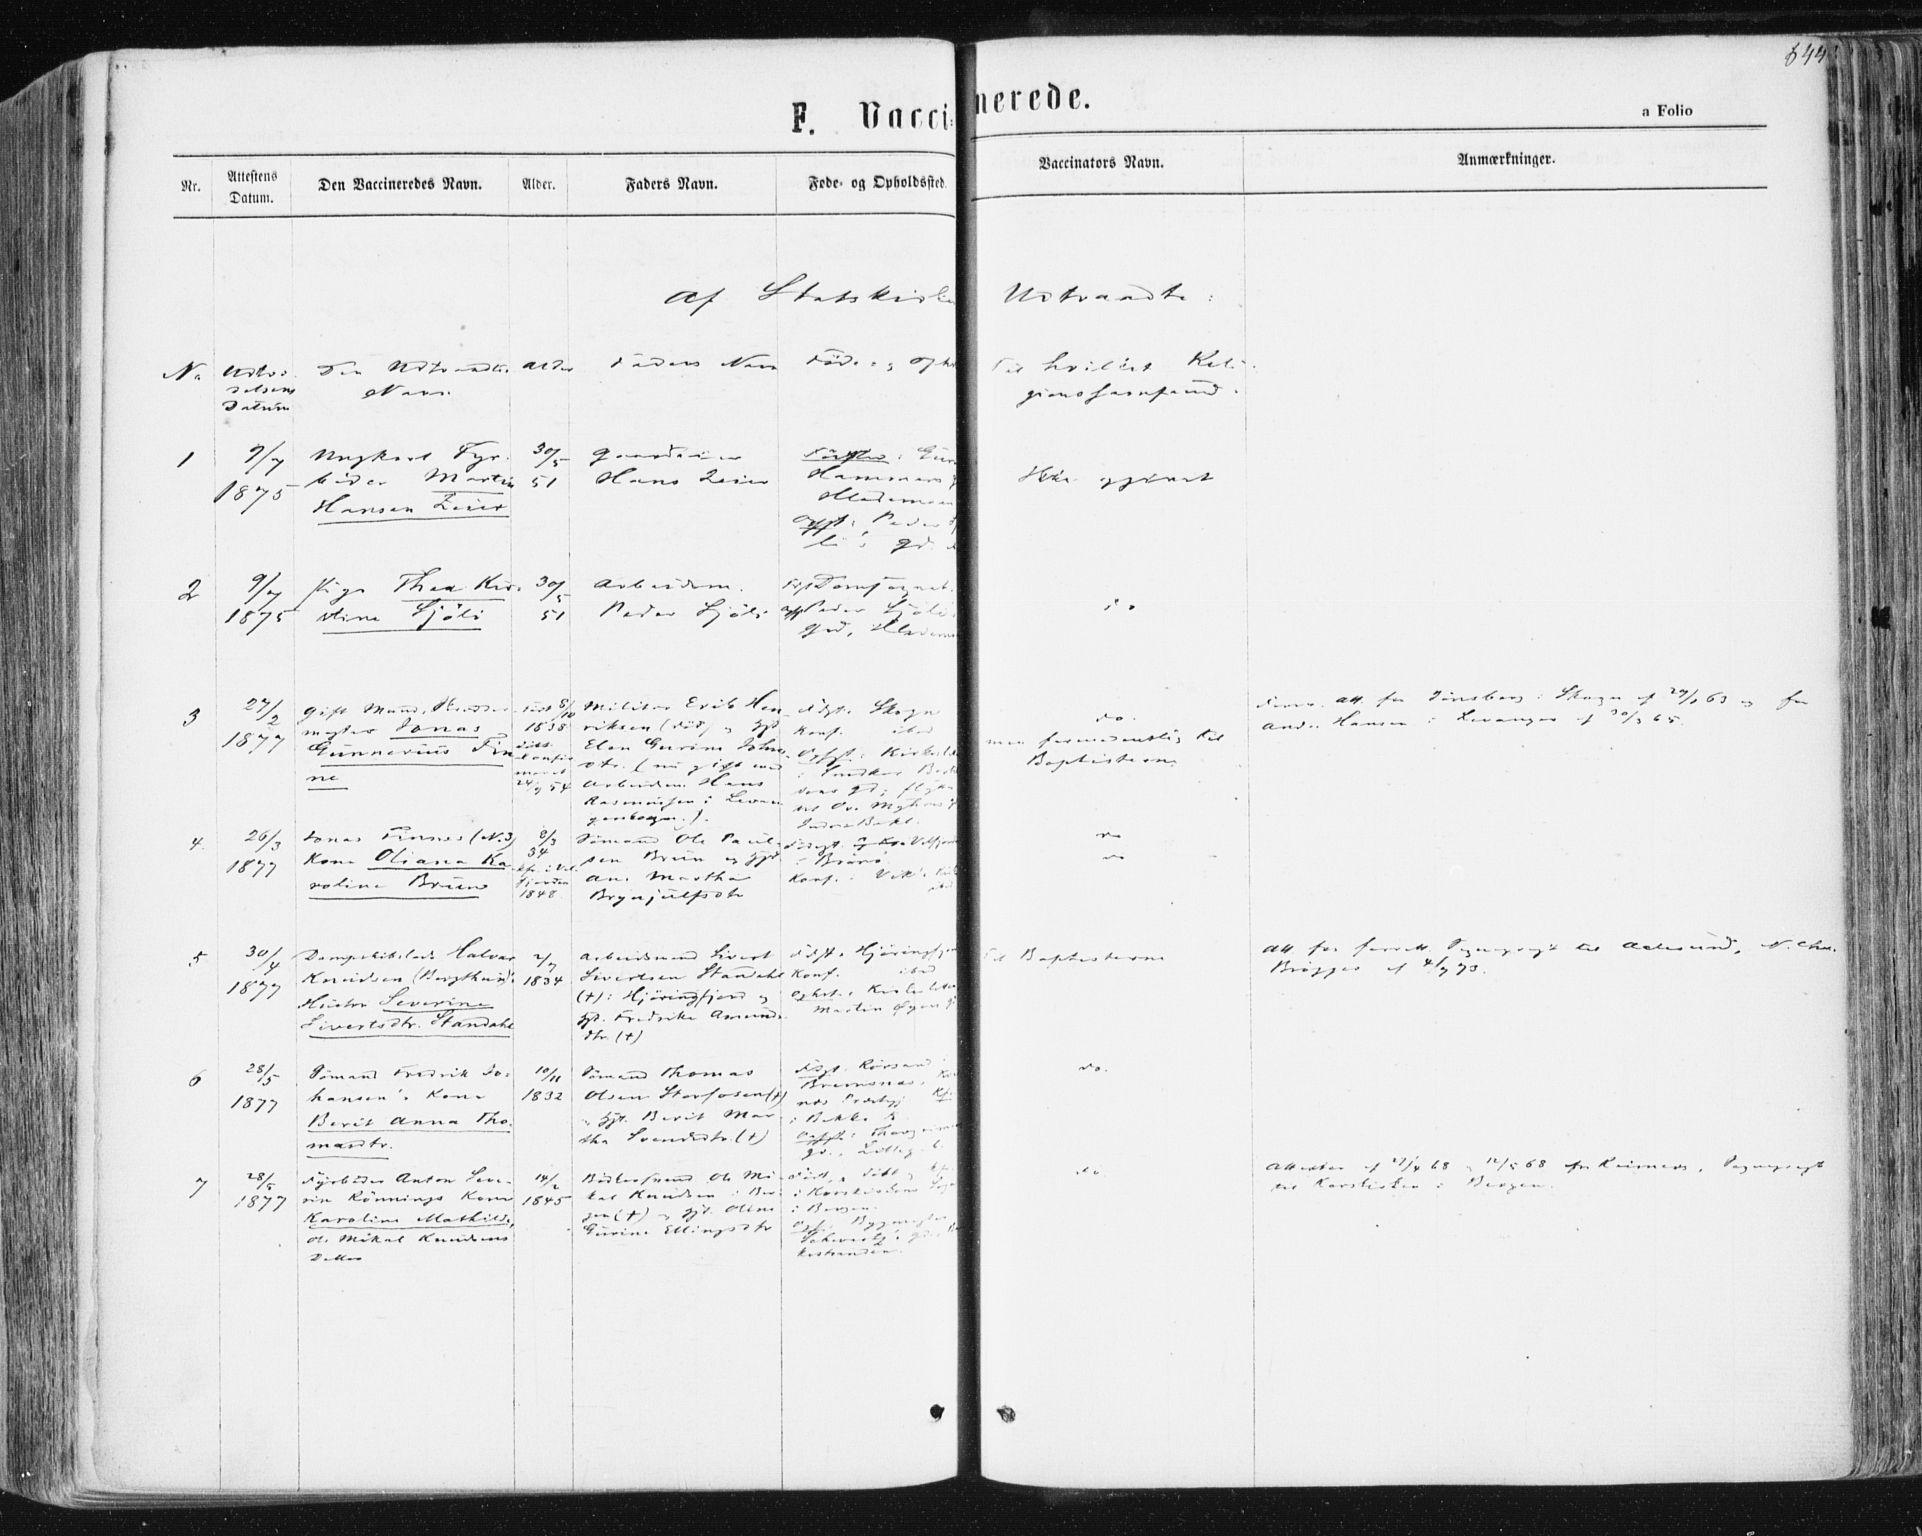 SAT, Ministerialprotokoller, klokkerbøker og fødselsregistre - Sør-Trøndelag, 604/L0186: Ministerialbok nr. 604A07, 1866-1877, s. 644